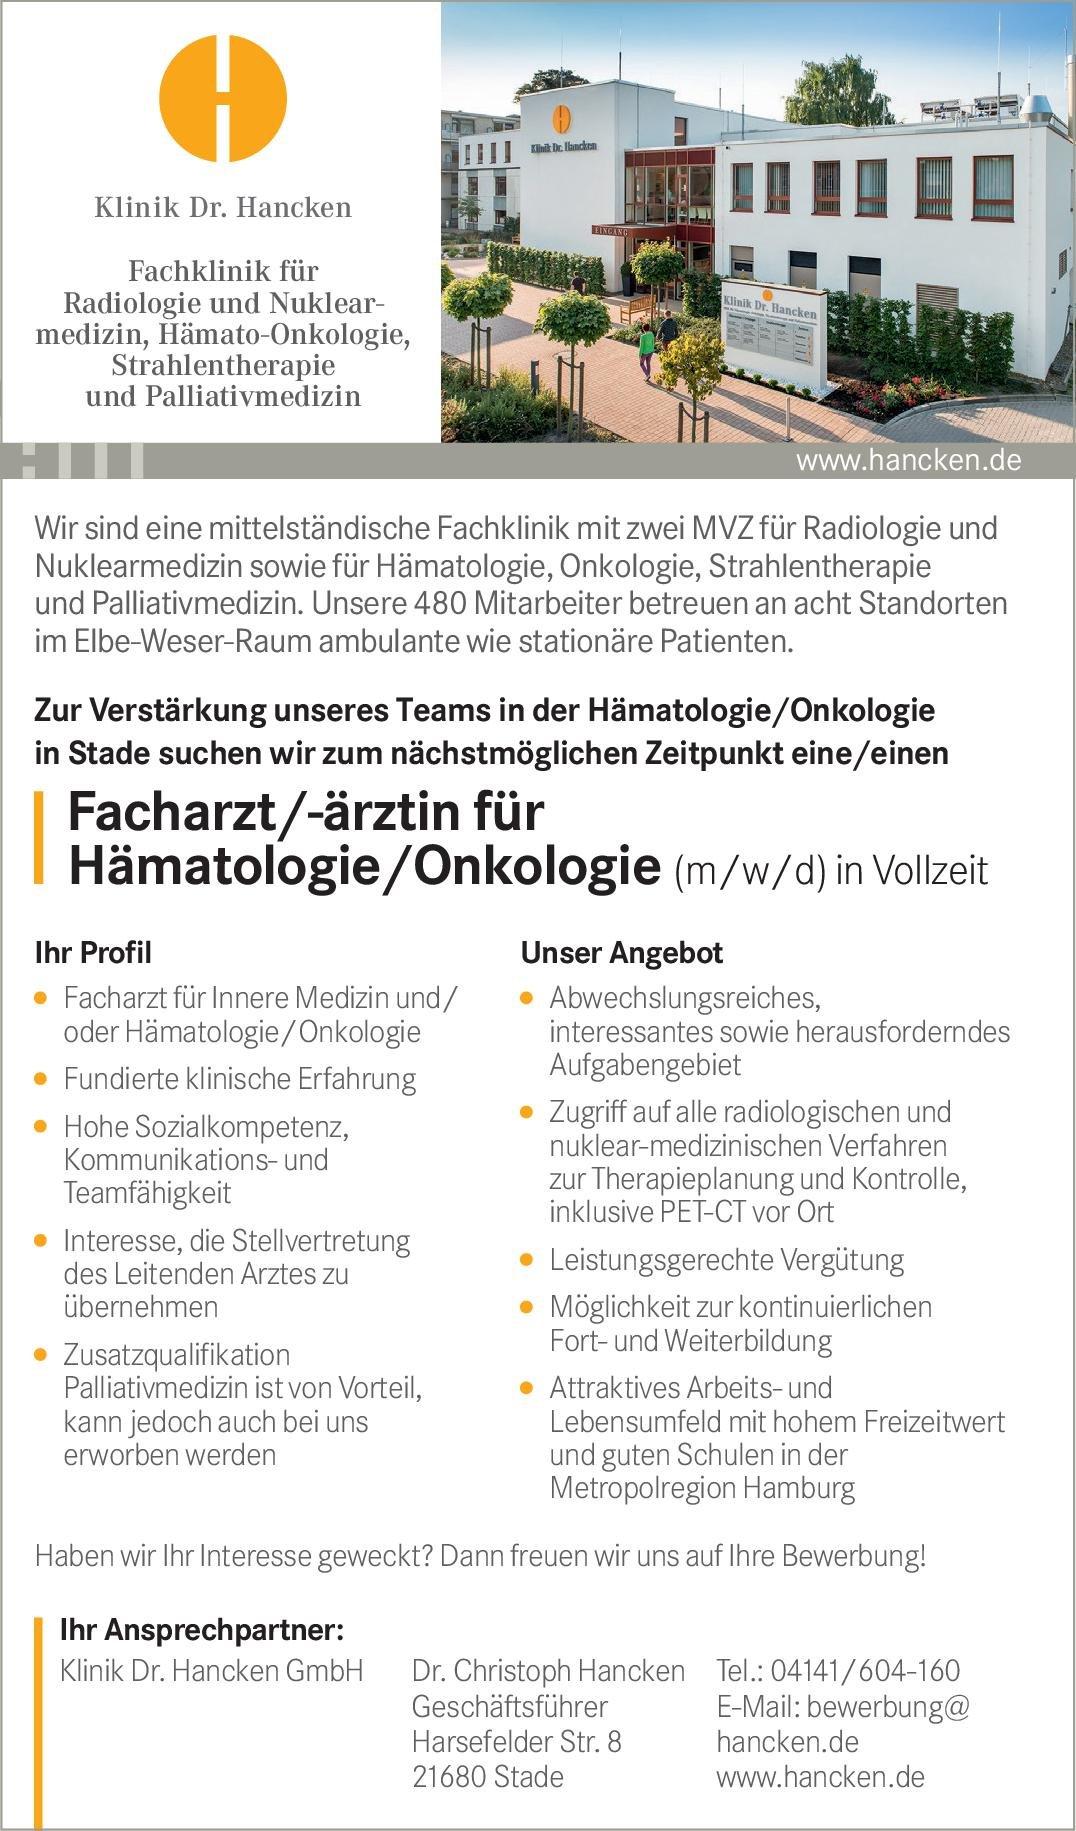 Klinik Dr. Hancken Facharzt/-ärztin für Hämatologie/Onkologie (m/w/d)  Innere Medizin und Hämatologie und Onkologie, Innere Medizin Arzt / Facharzt